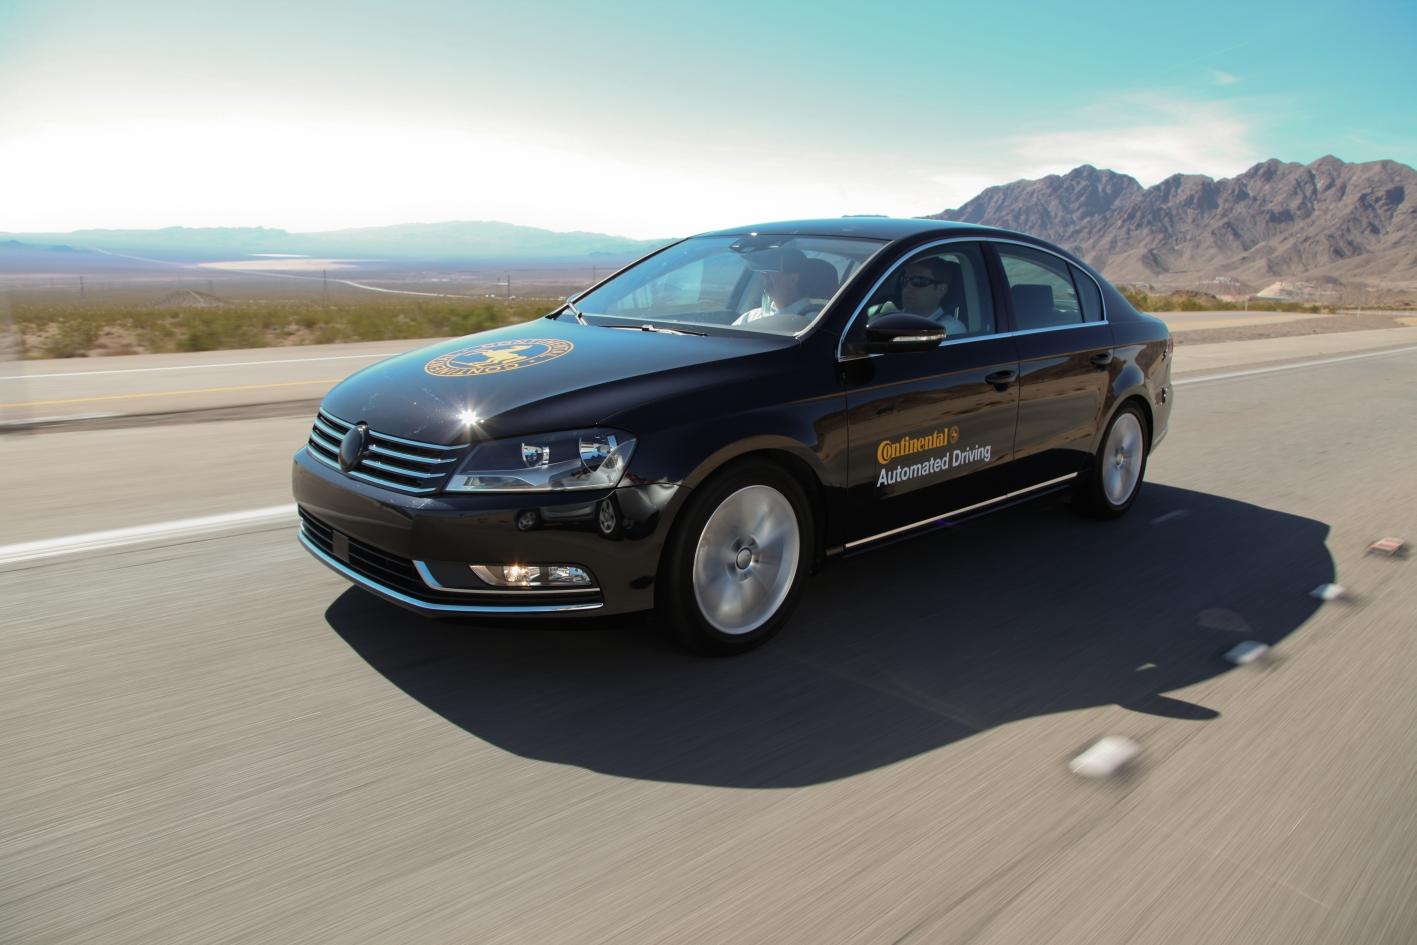 Continental Develops Semi-Autonomous Car Technology